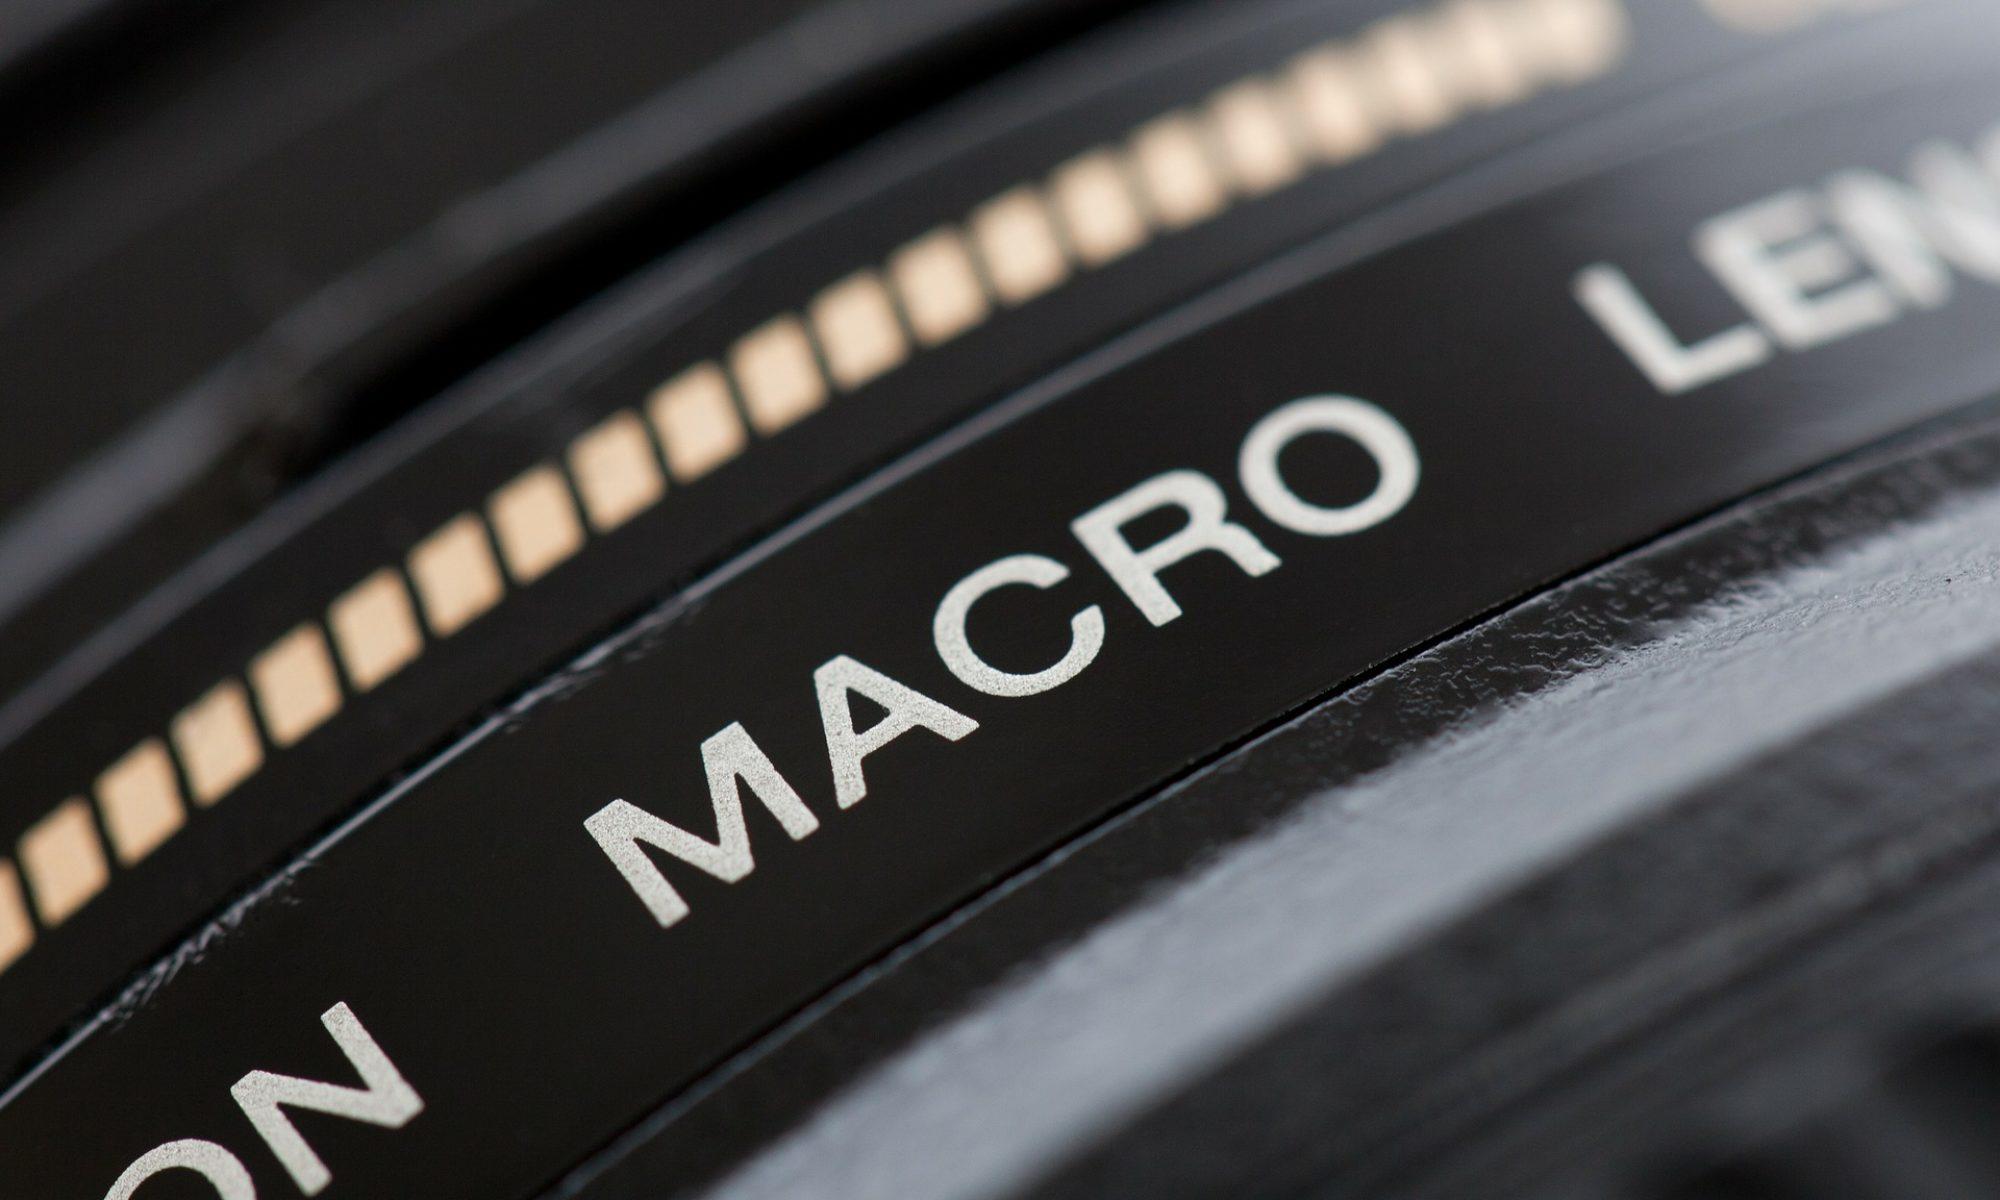 Tipps zu Fotografie und Grafikdesign